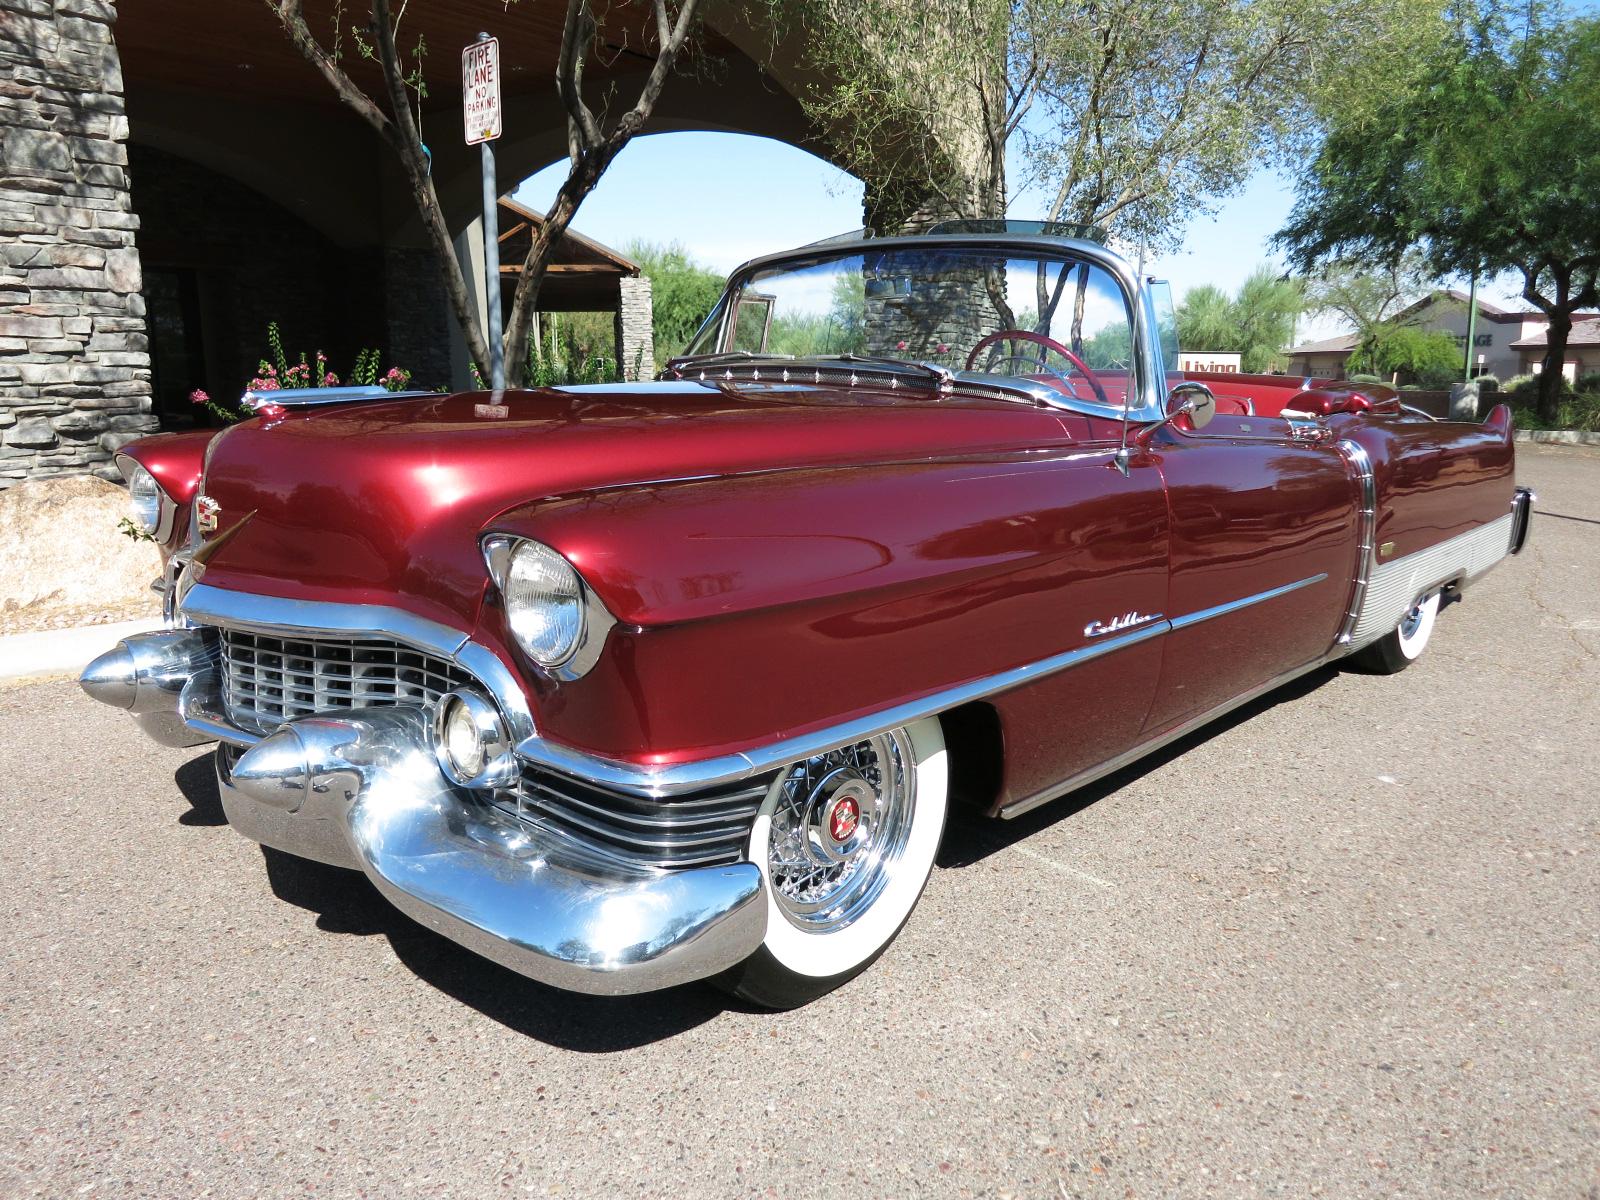 1954 Cadillac El Dorado